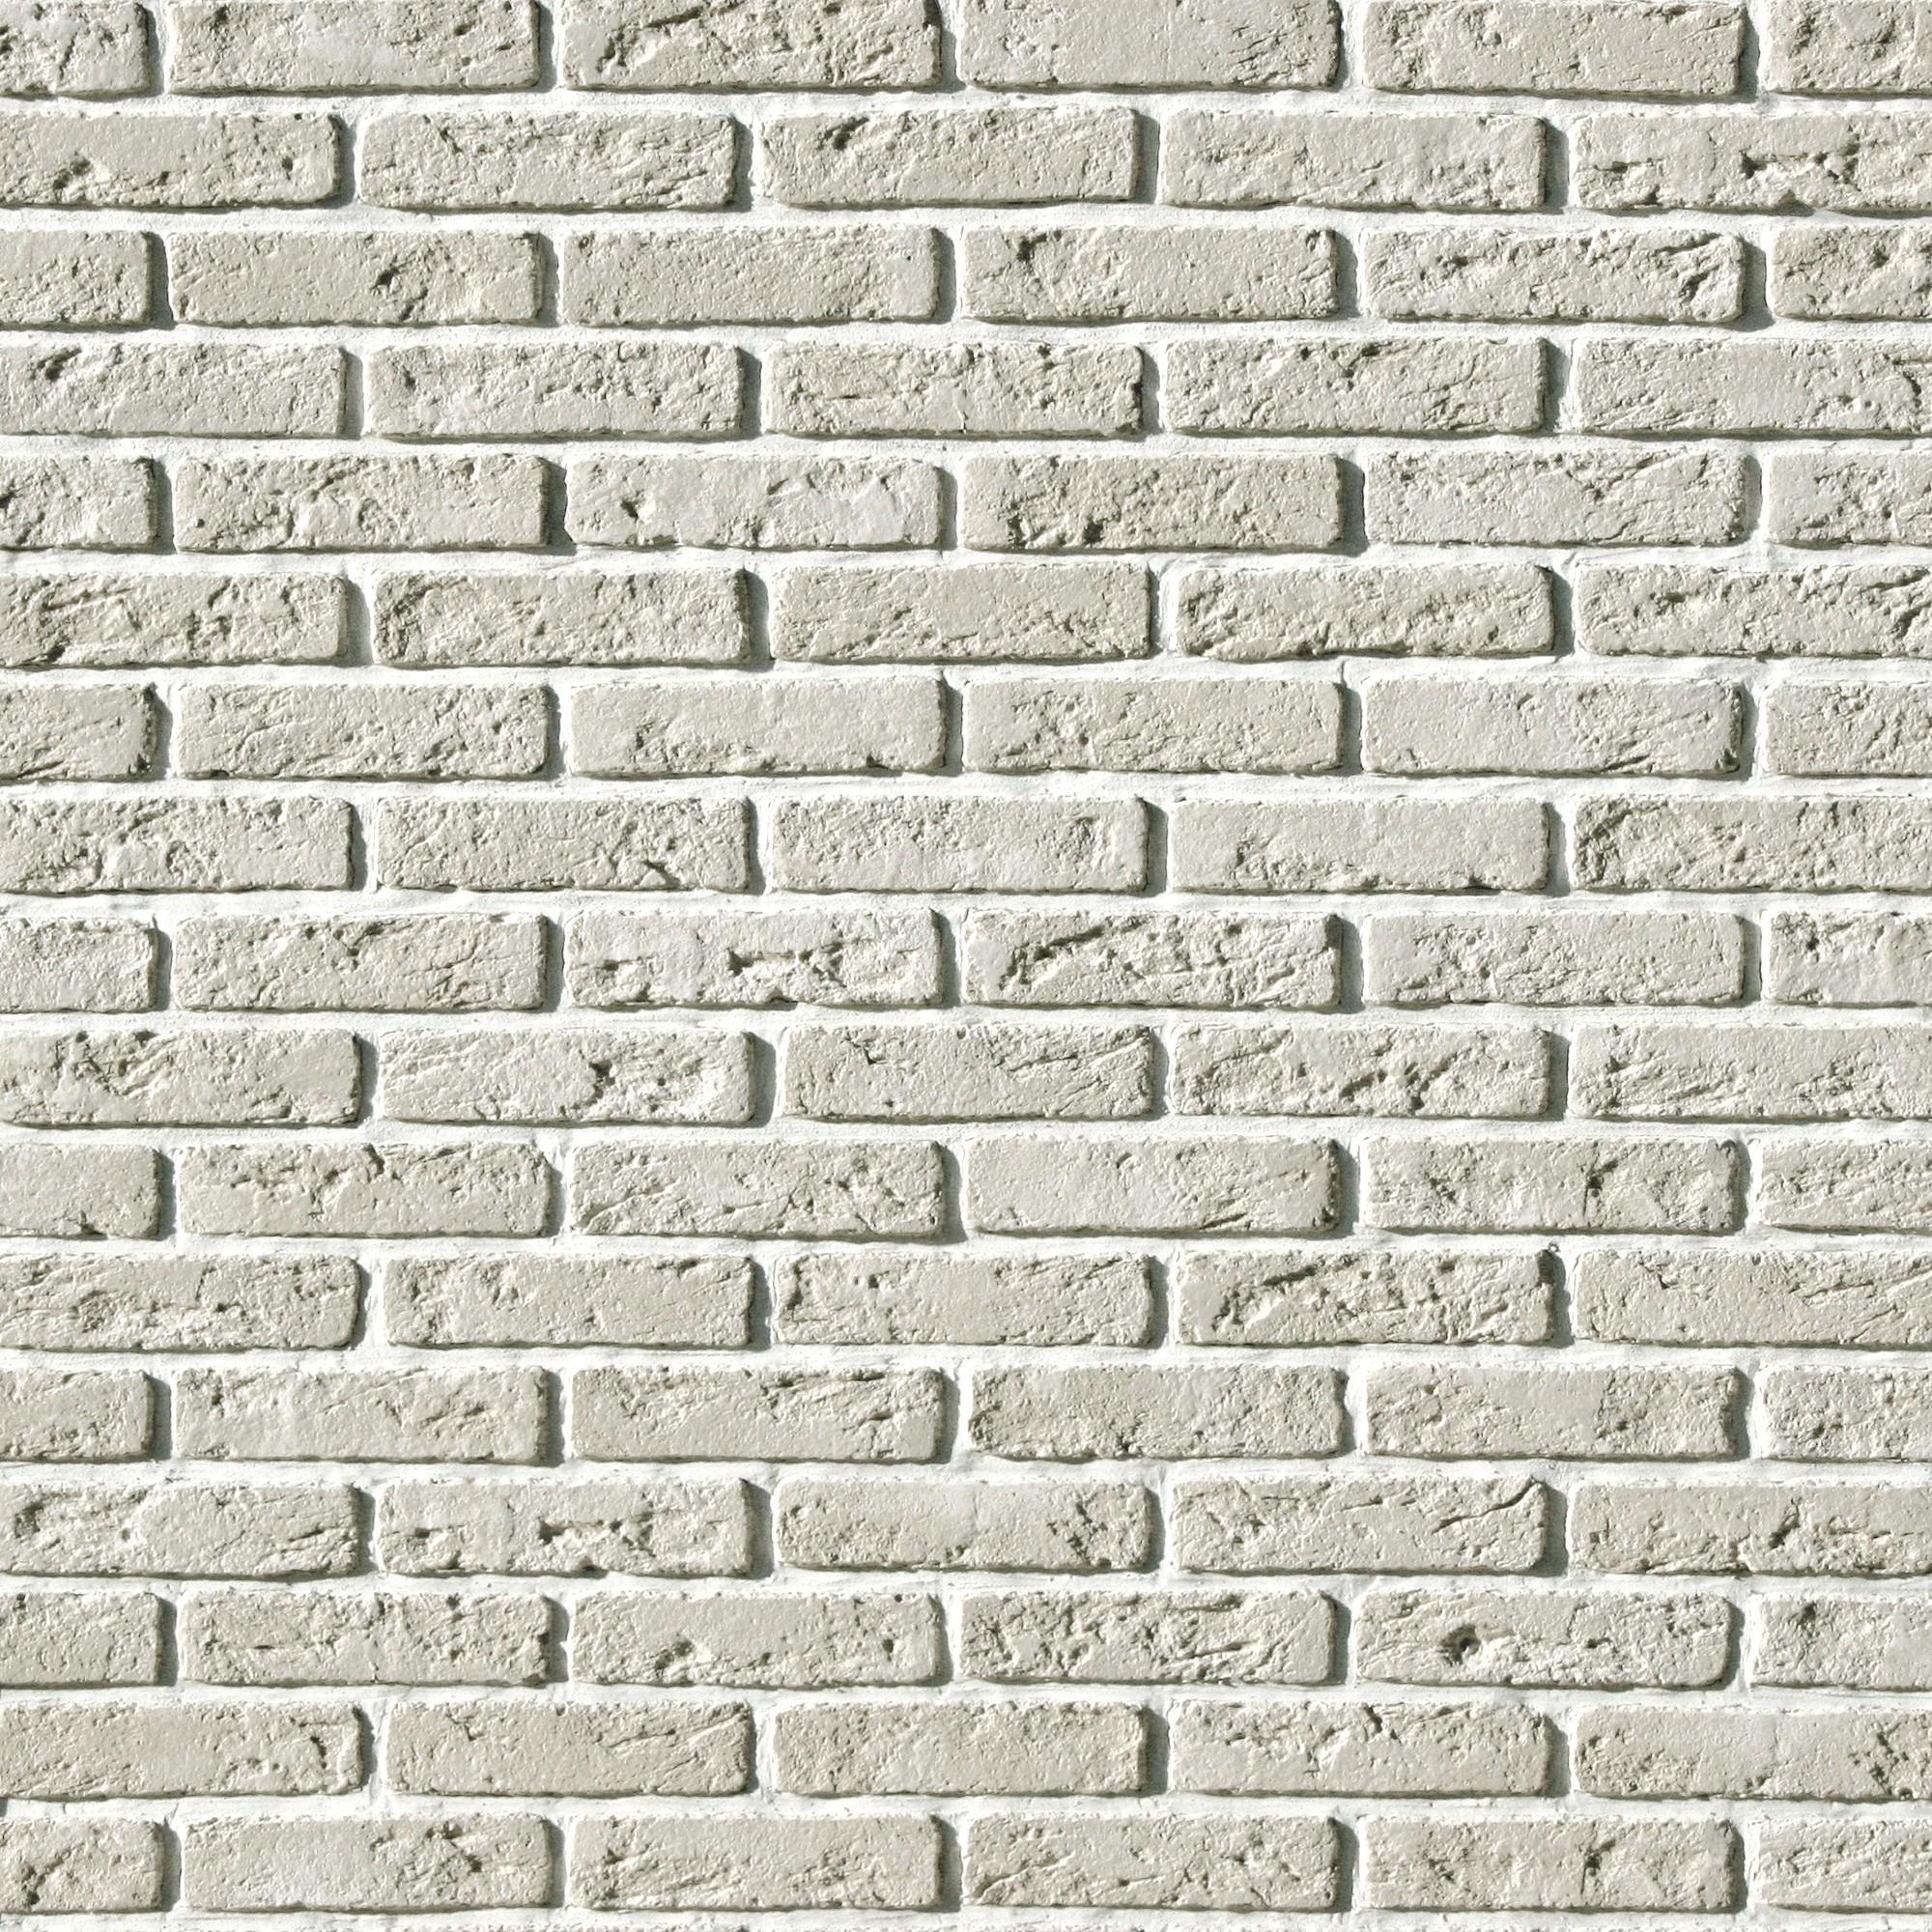 Плитка облицовочная Эллин Брик, цвет белый, 1.1 м2